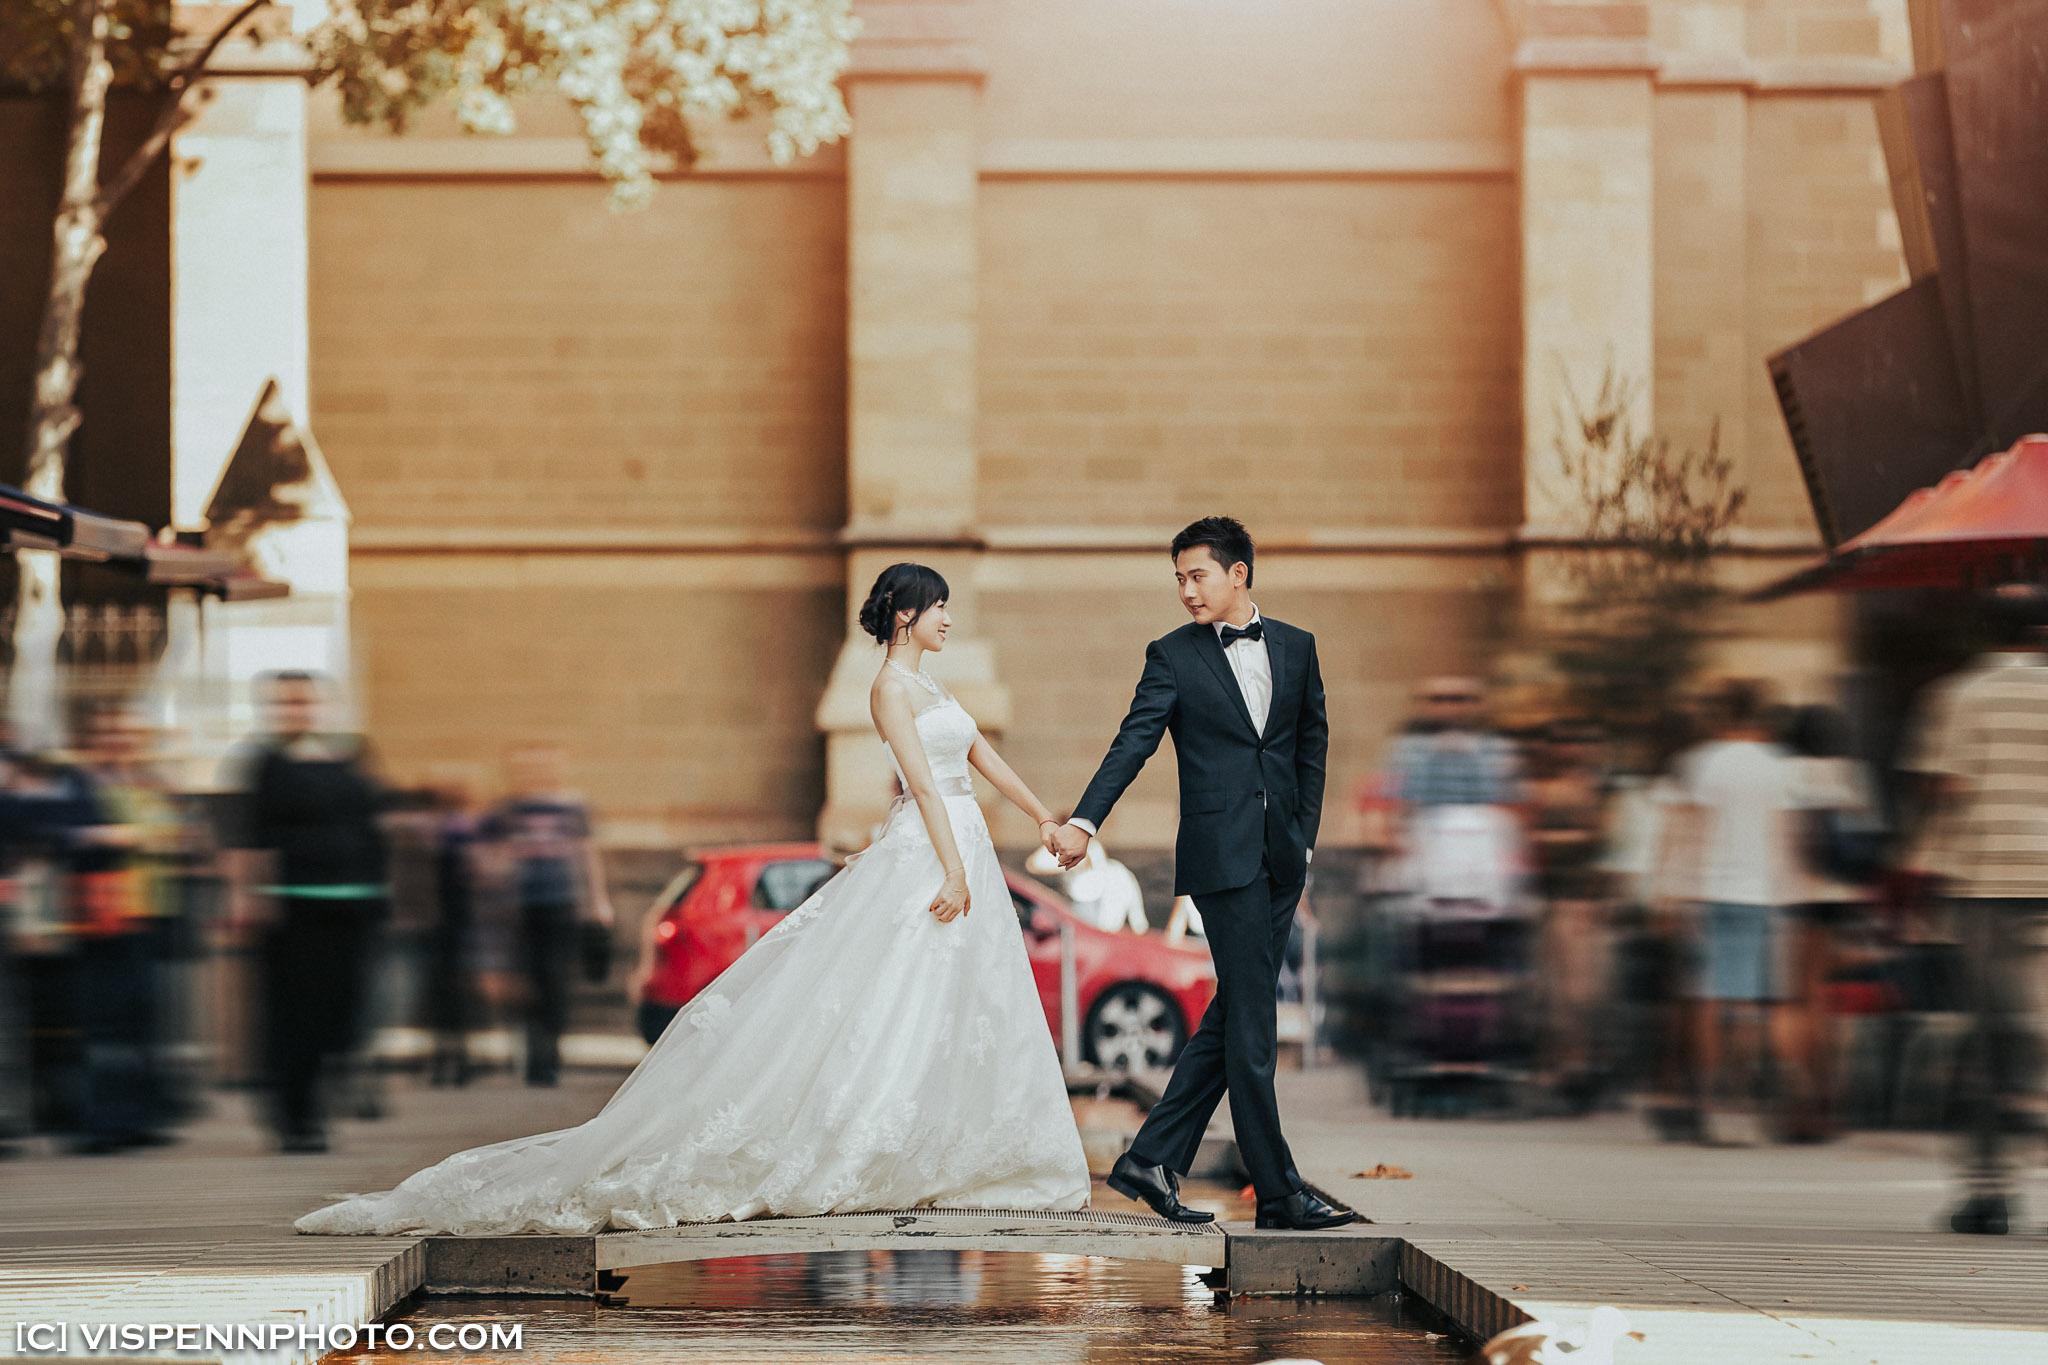 PRE WEDDING Photography Melbourne EasonPreWedding 5130